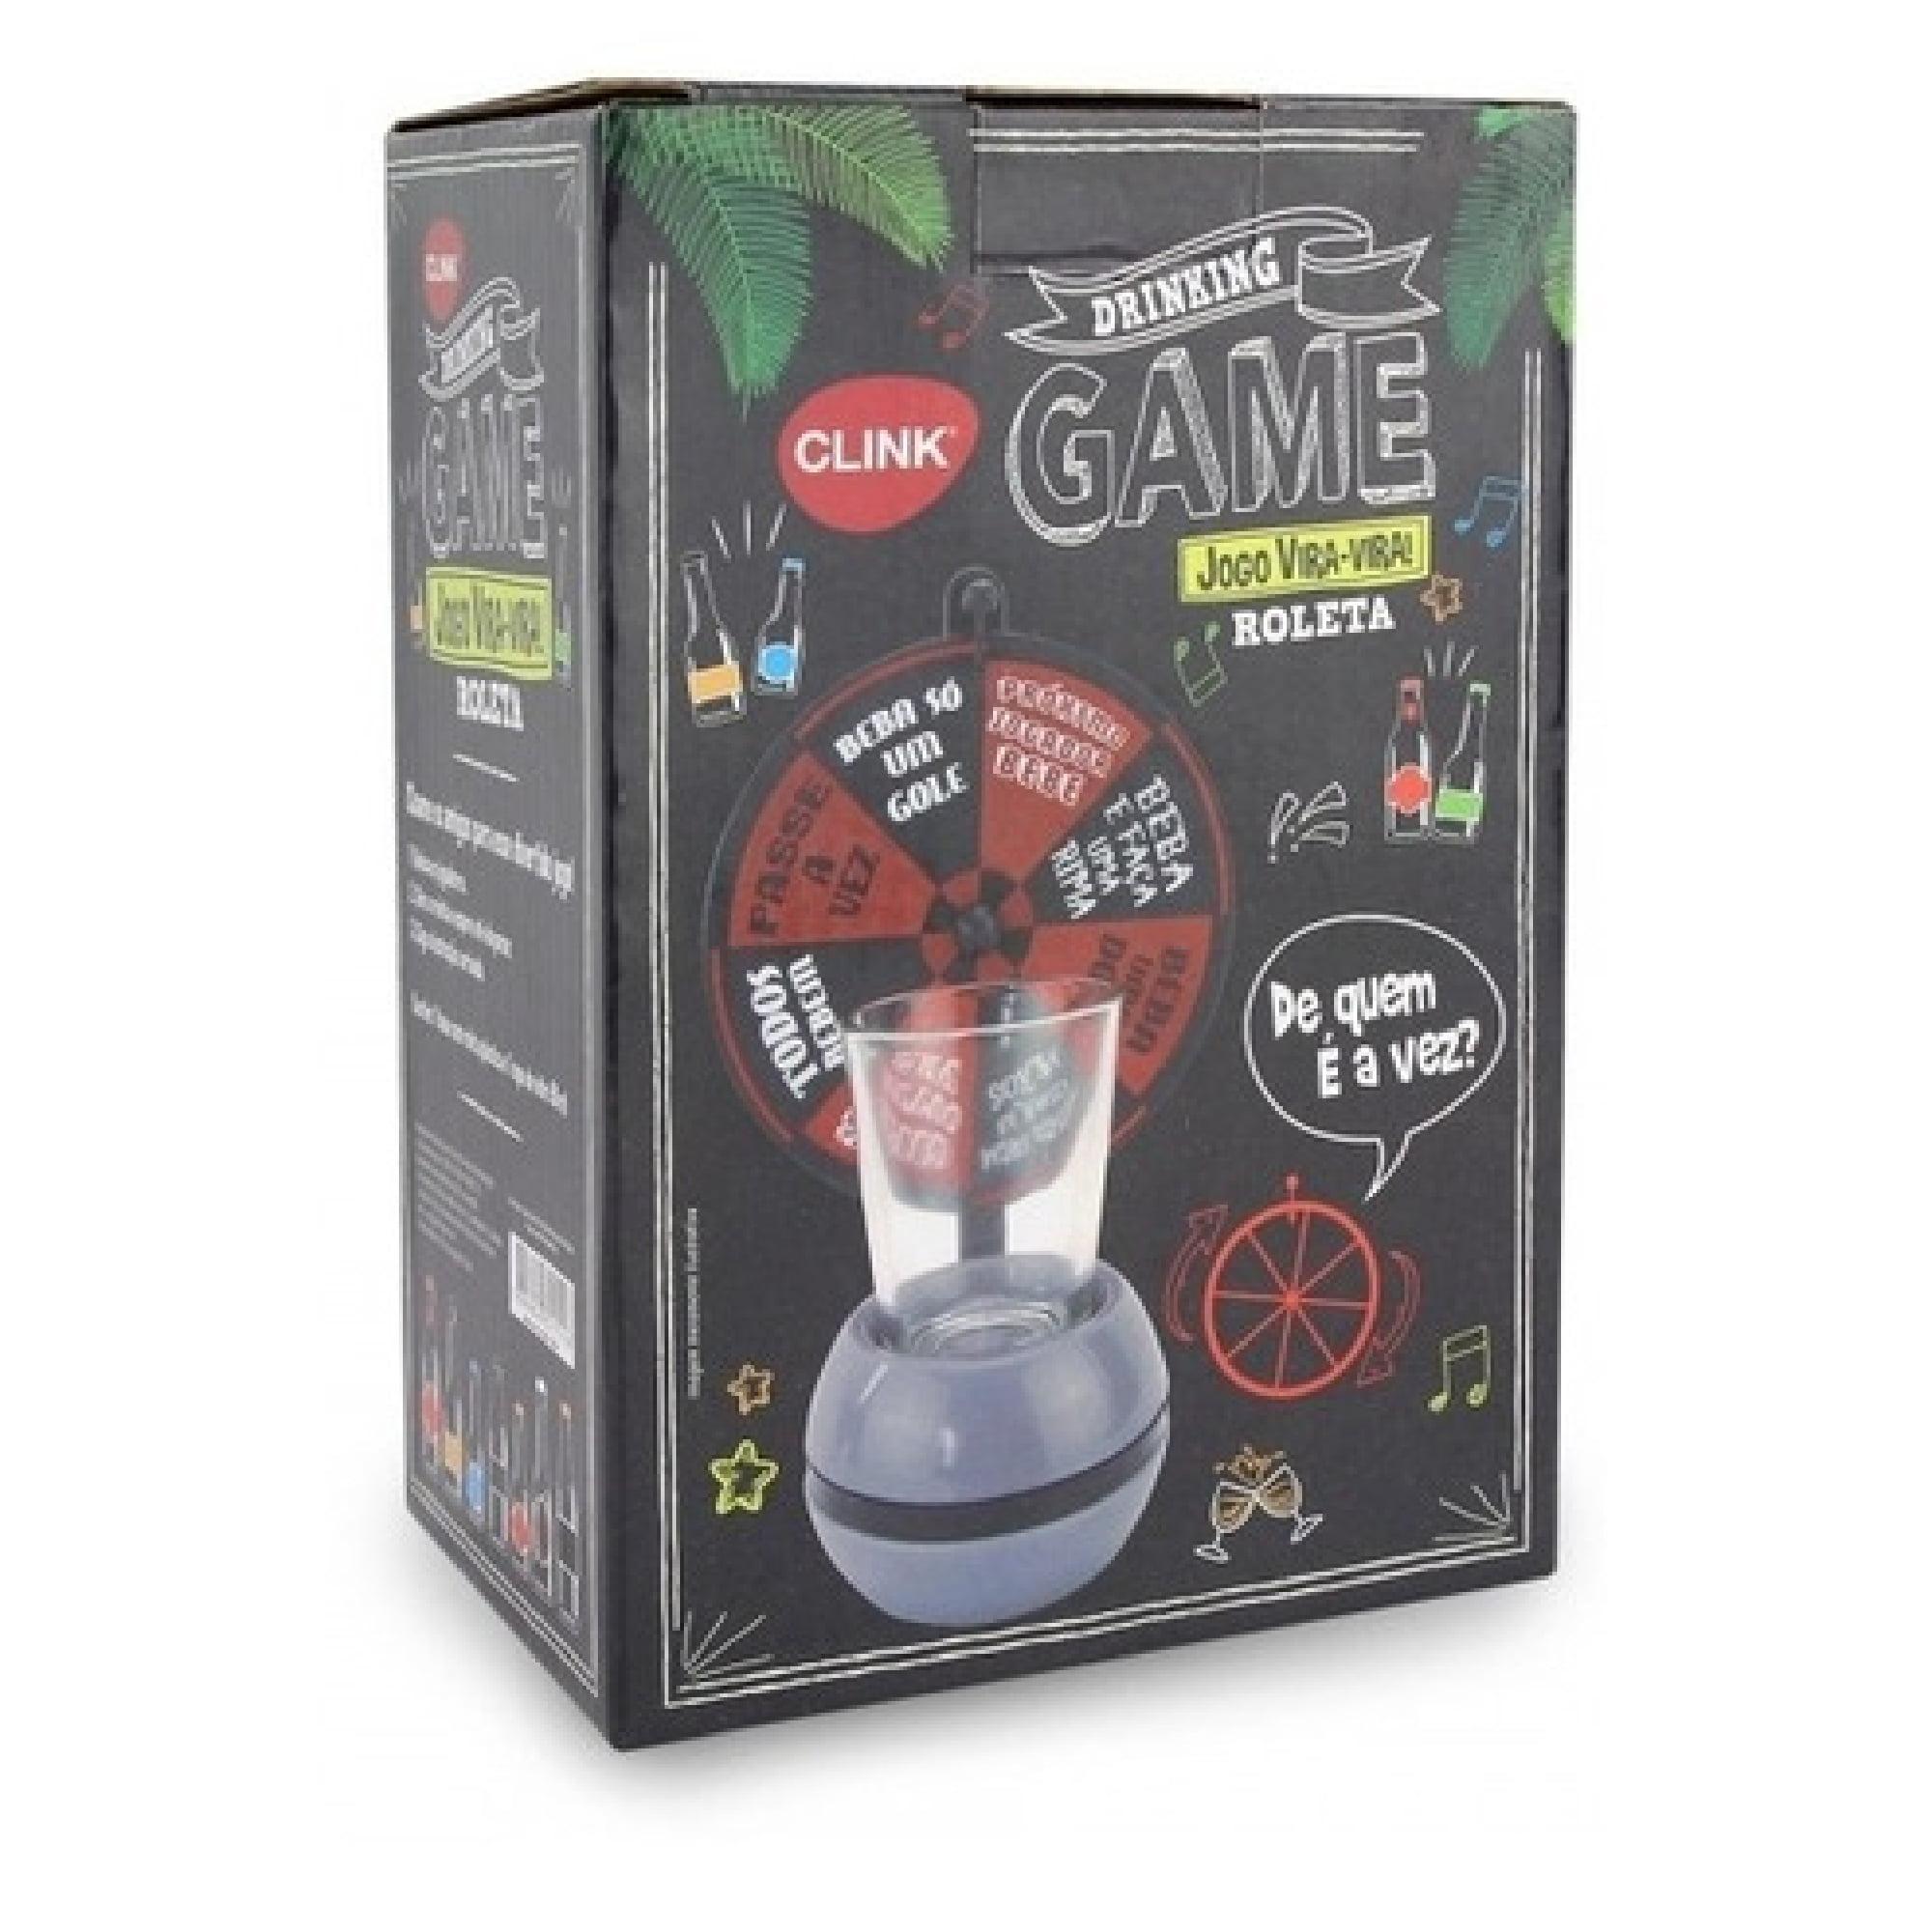 Drinking Game Jogo Vira-Vira Roleta